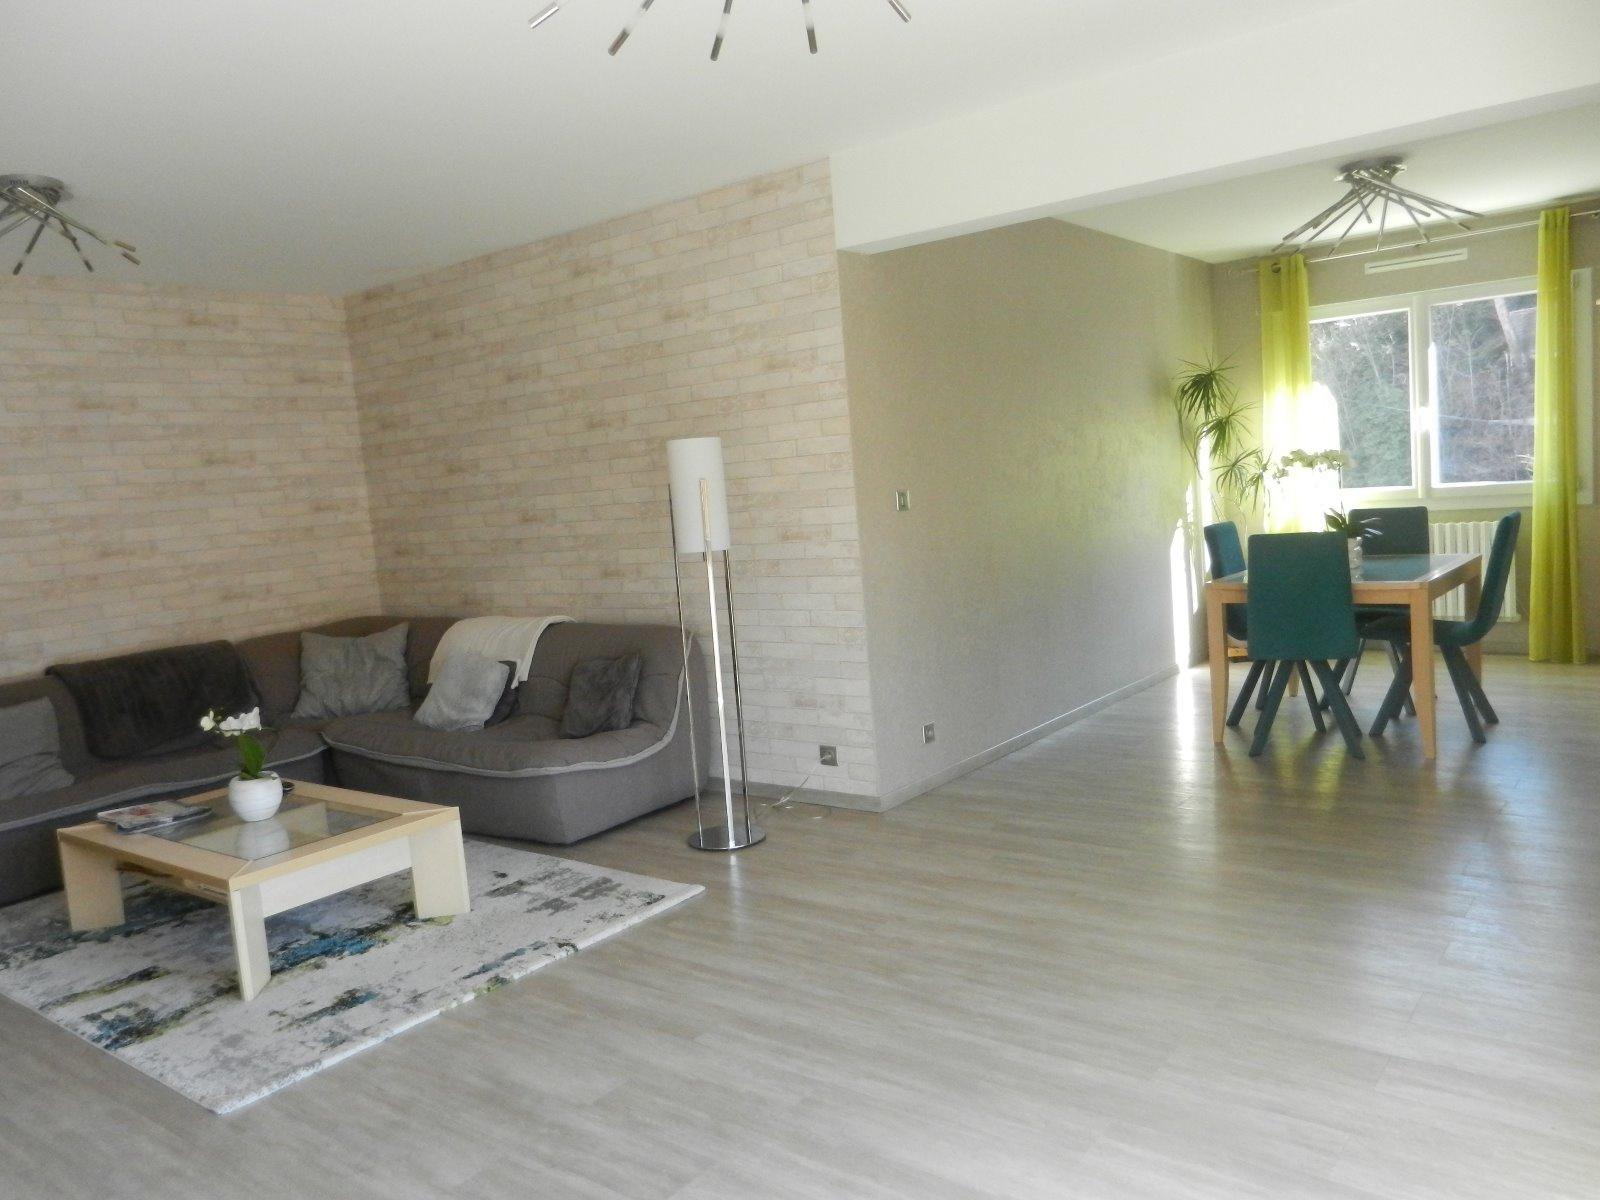 vente appartement gap avec edelweiss immobilier